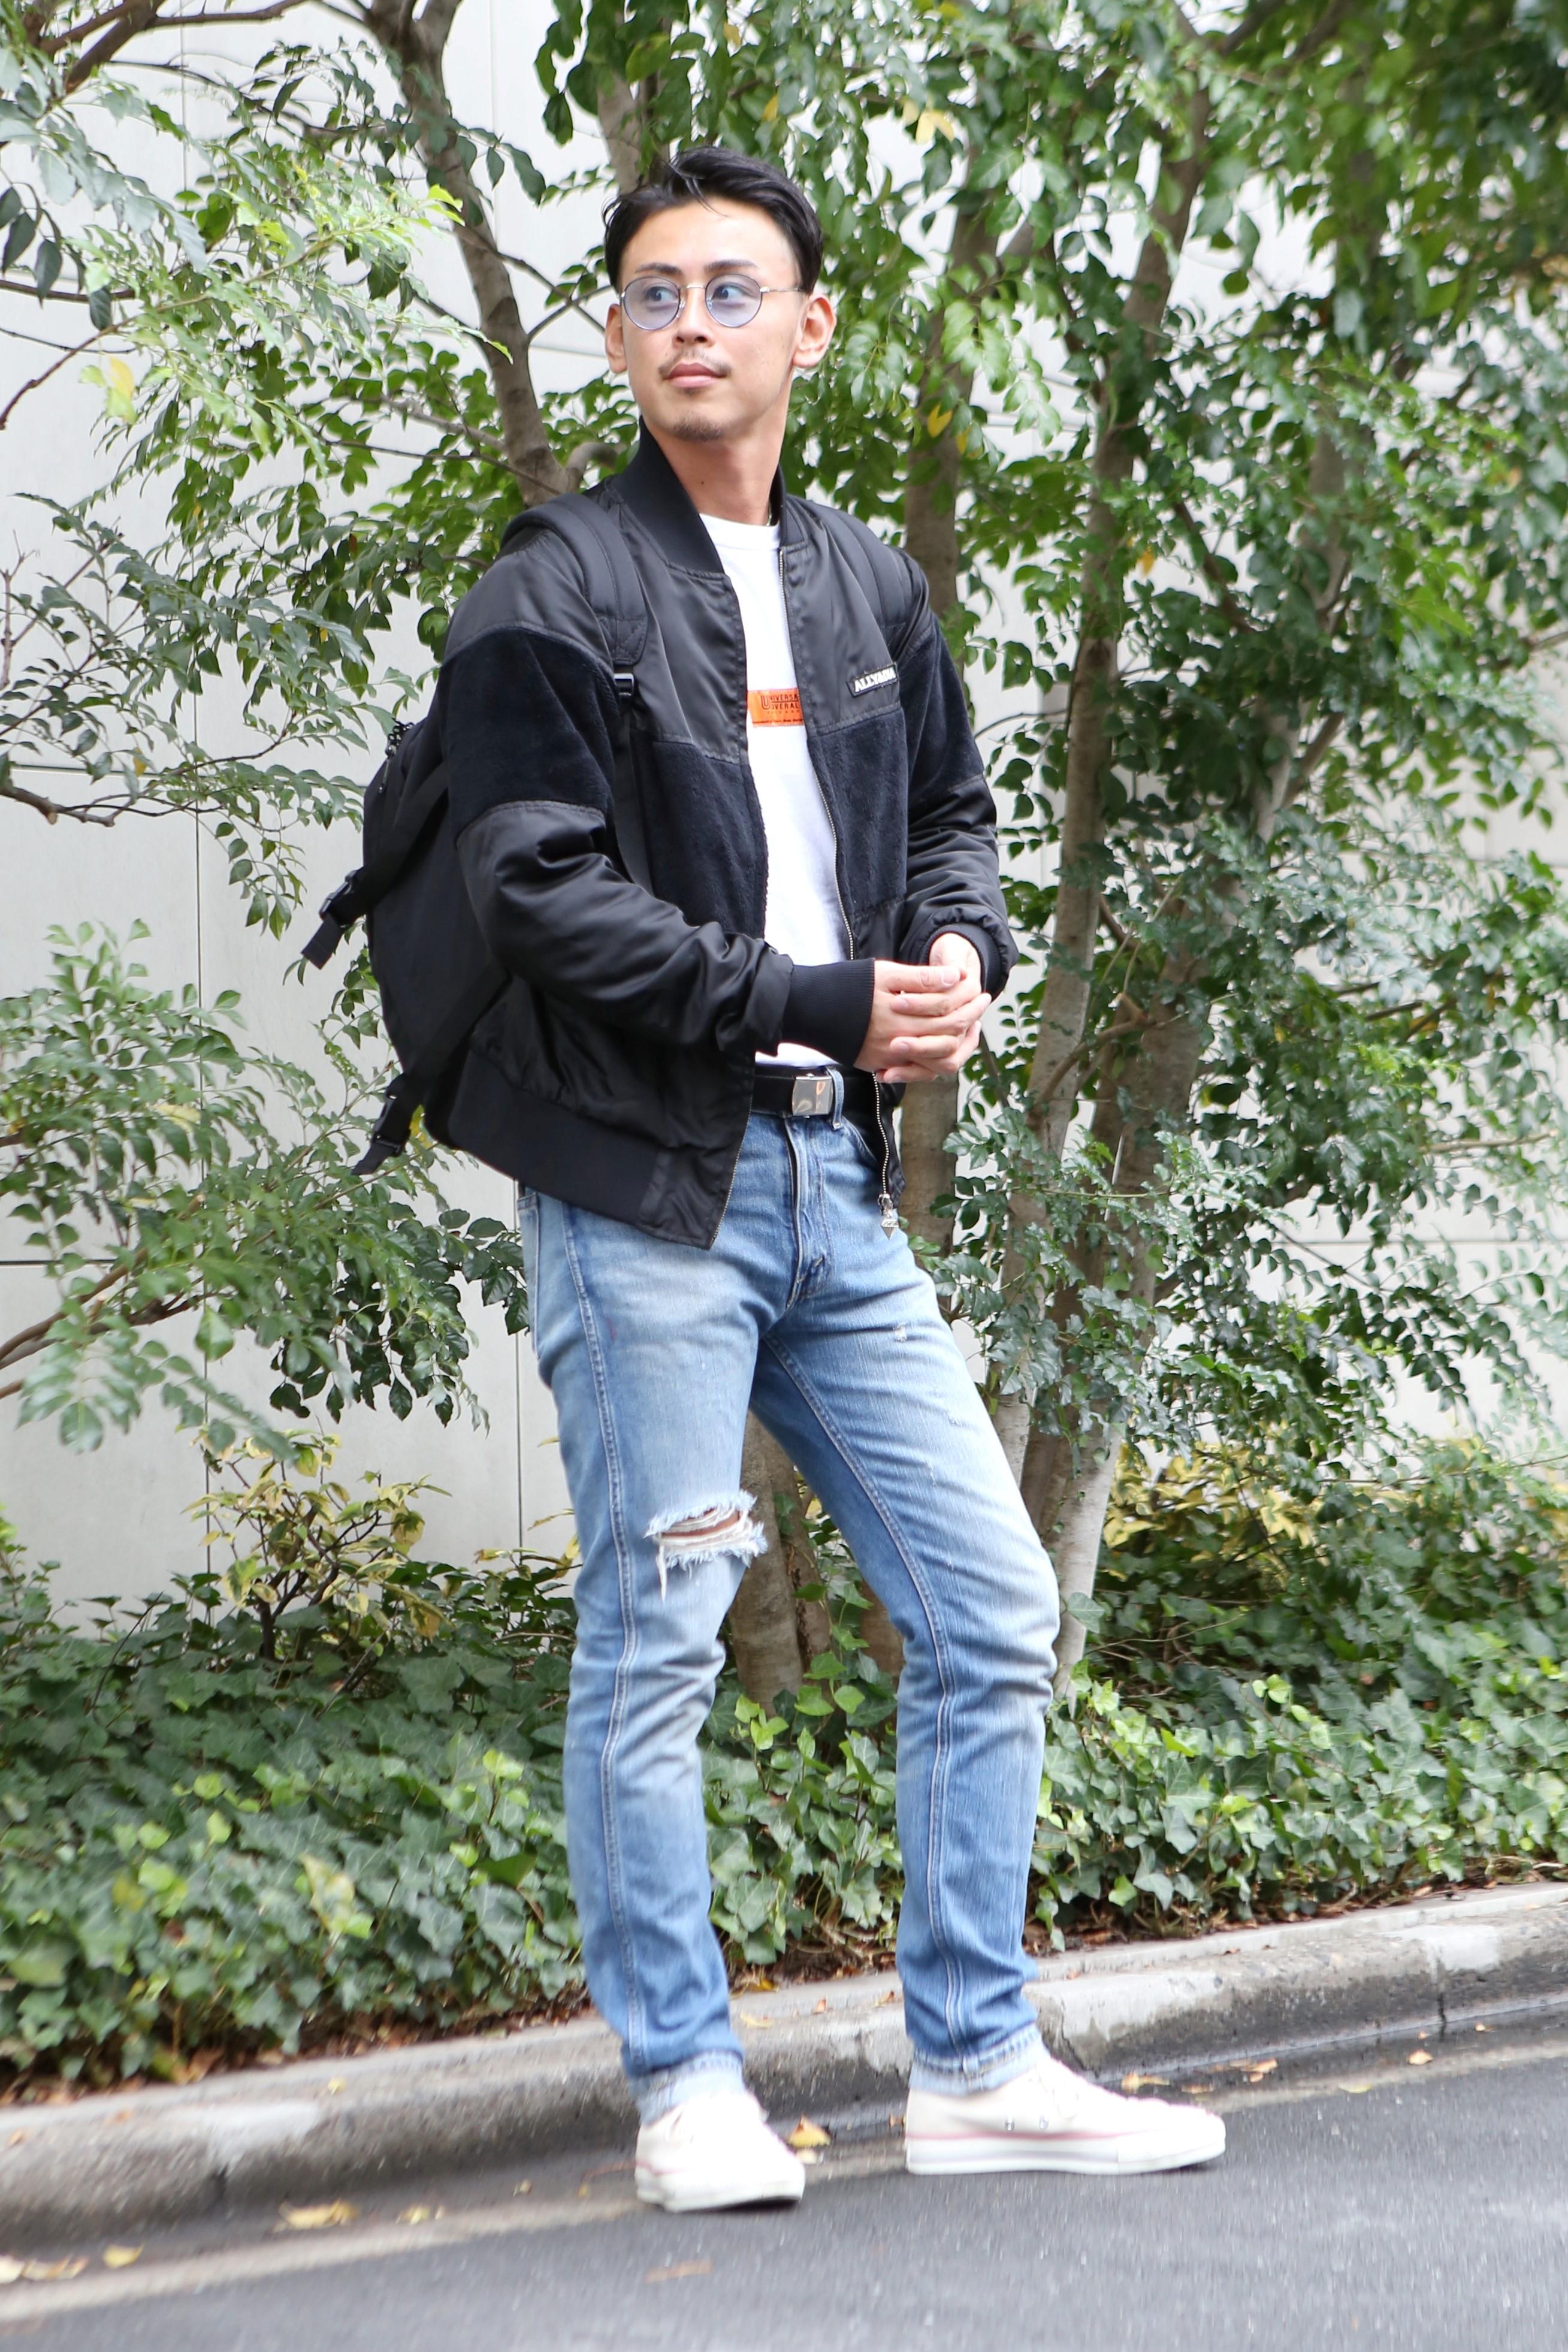 【第28回】表参道ストリートスナップ!男もオシャレを楽しんで!2018年A/W メンズのトレンドスタイルはこれだ!